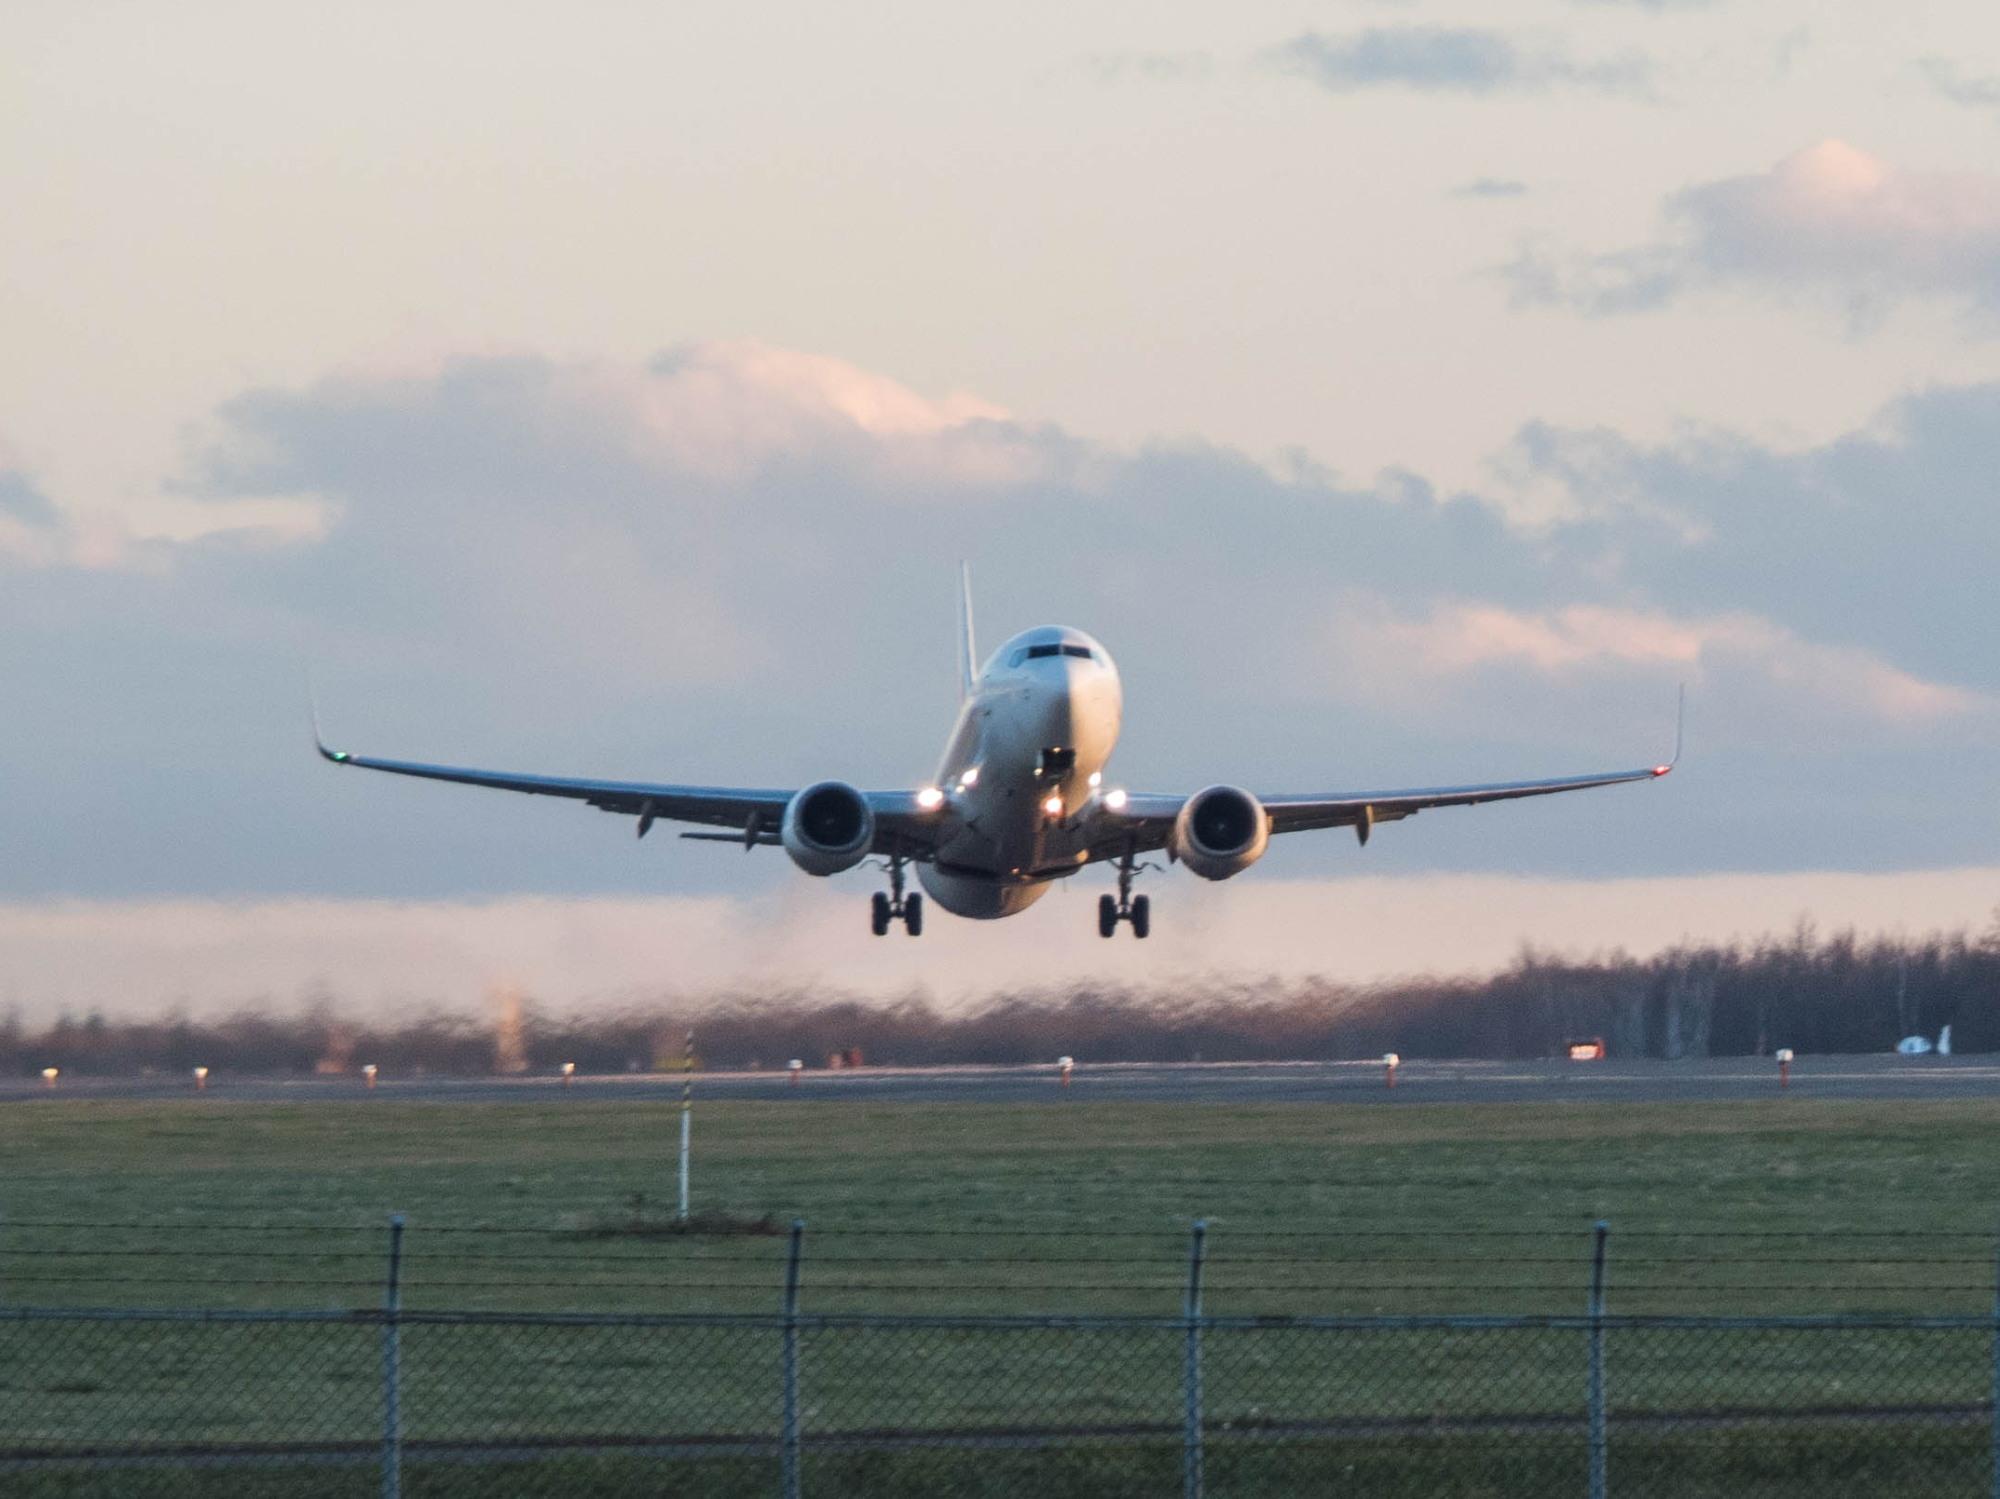 「とかち帯広空港」すぐ近くで航空機の離発着が見れる場所へ_f0276498_14201087.jpg